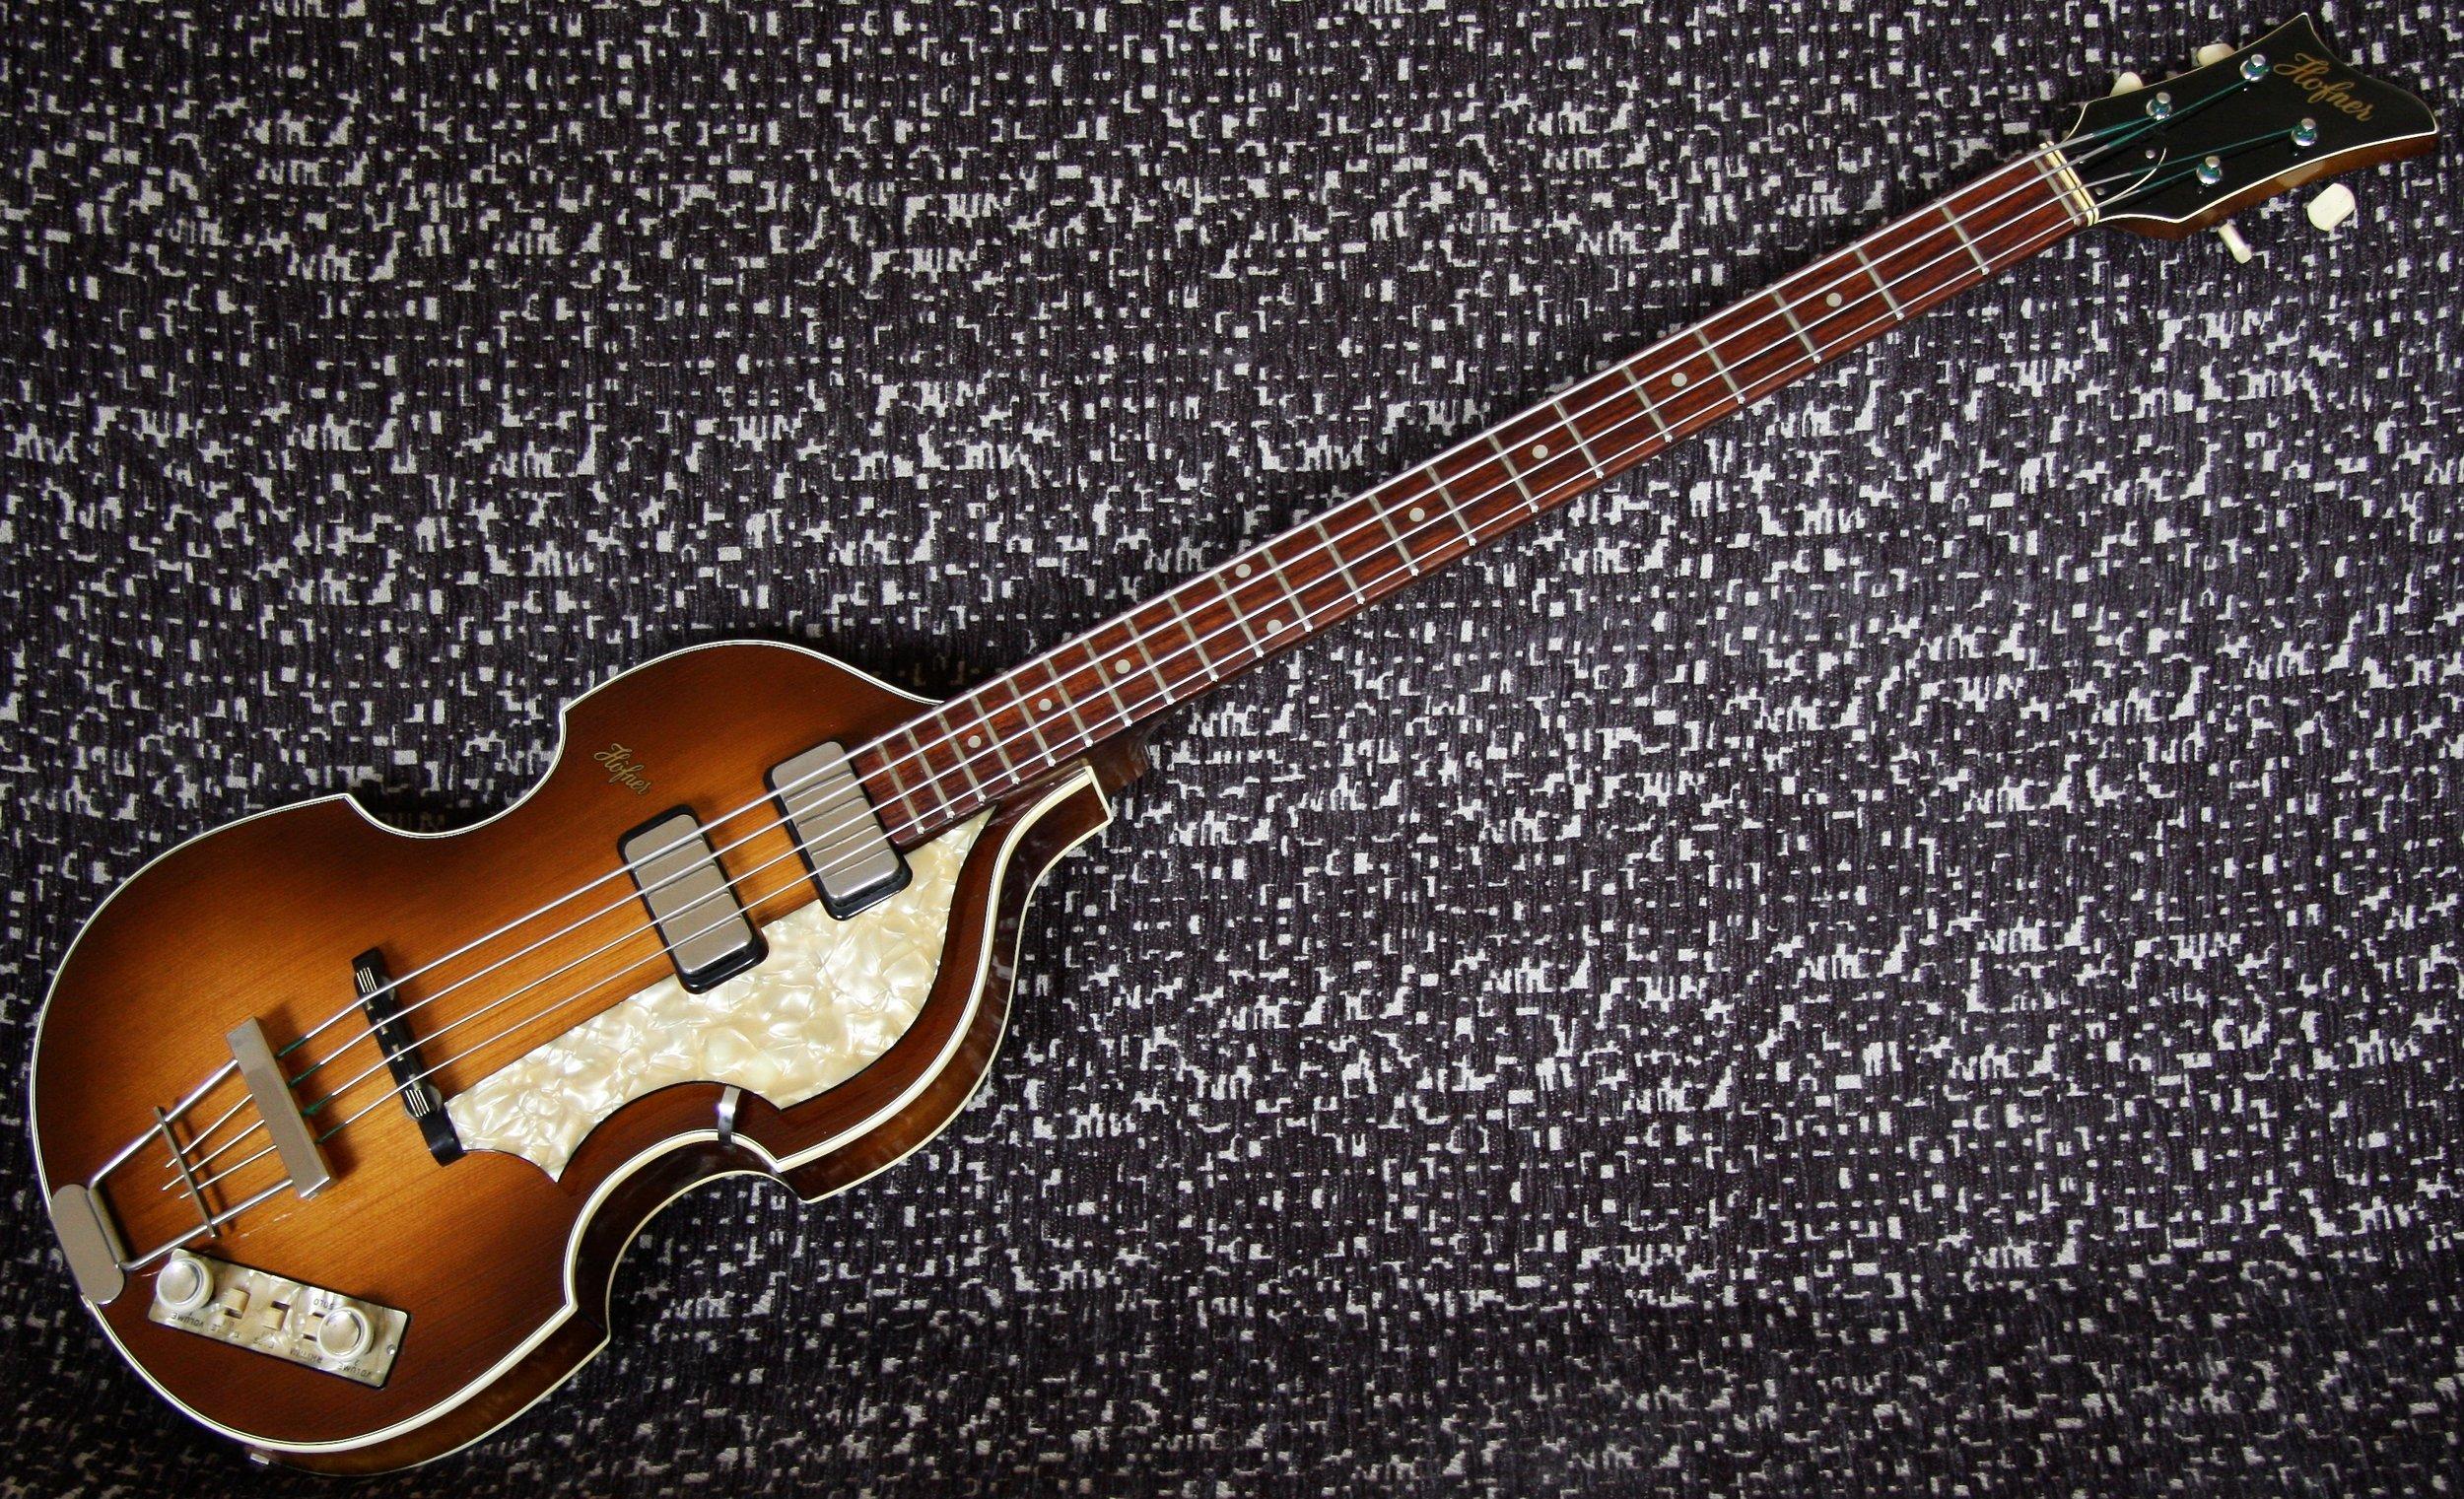 1961 Hofner 500/1 Bass